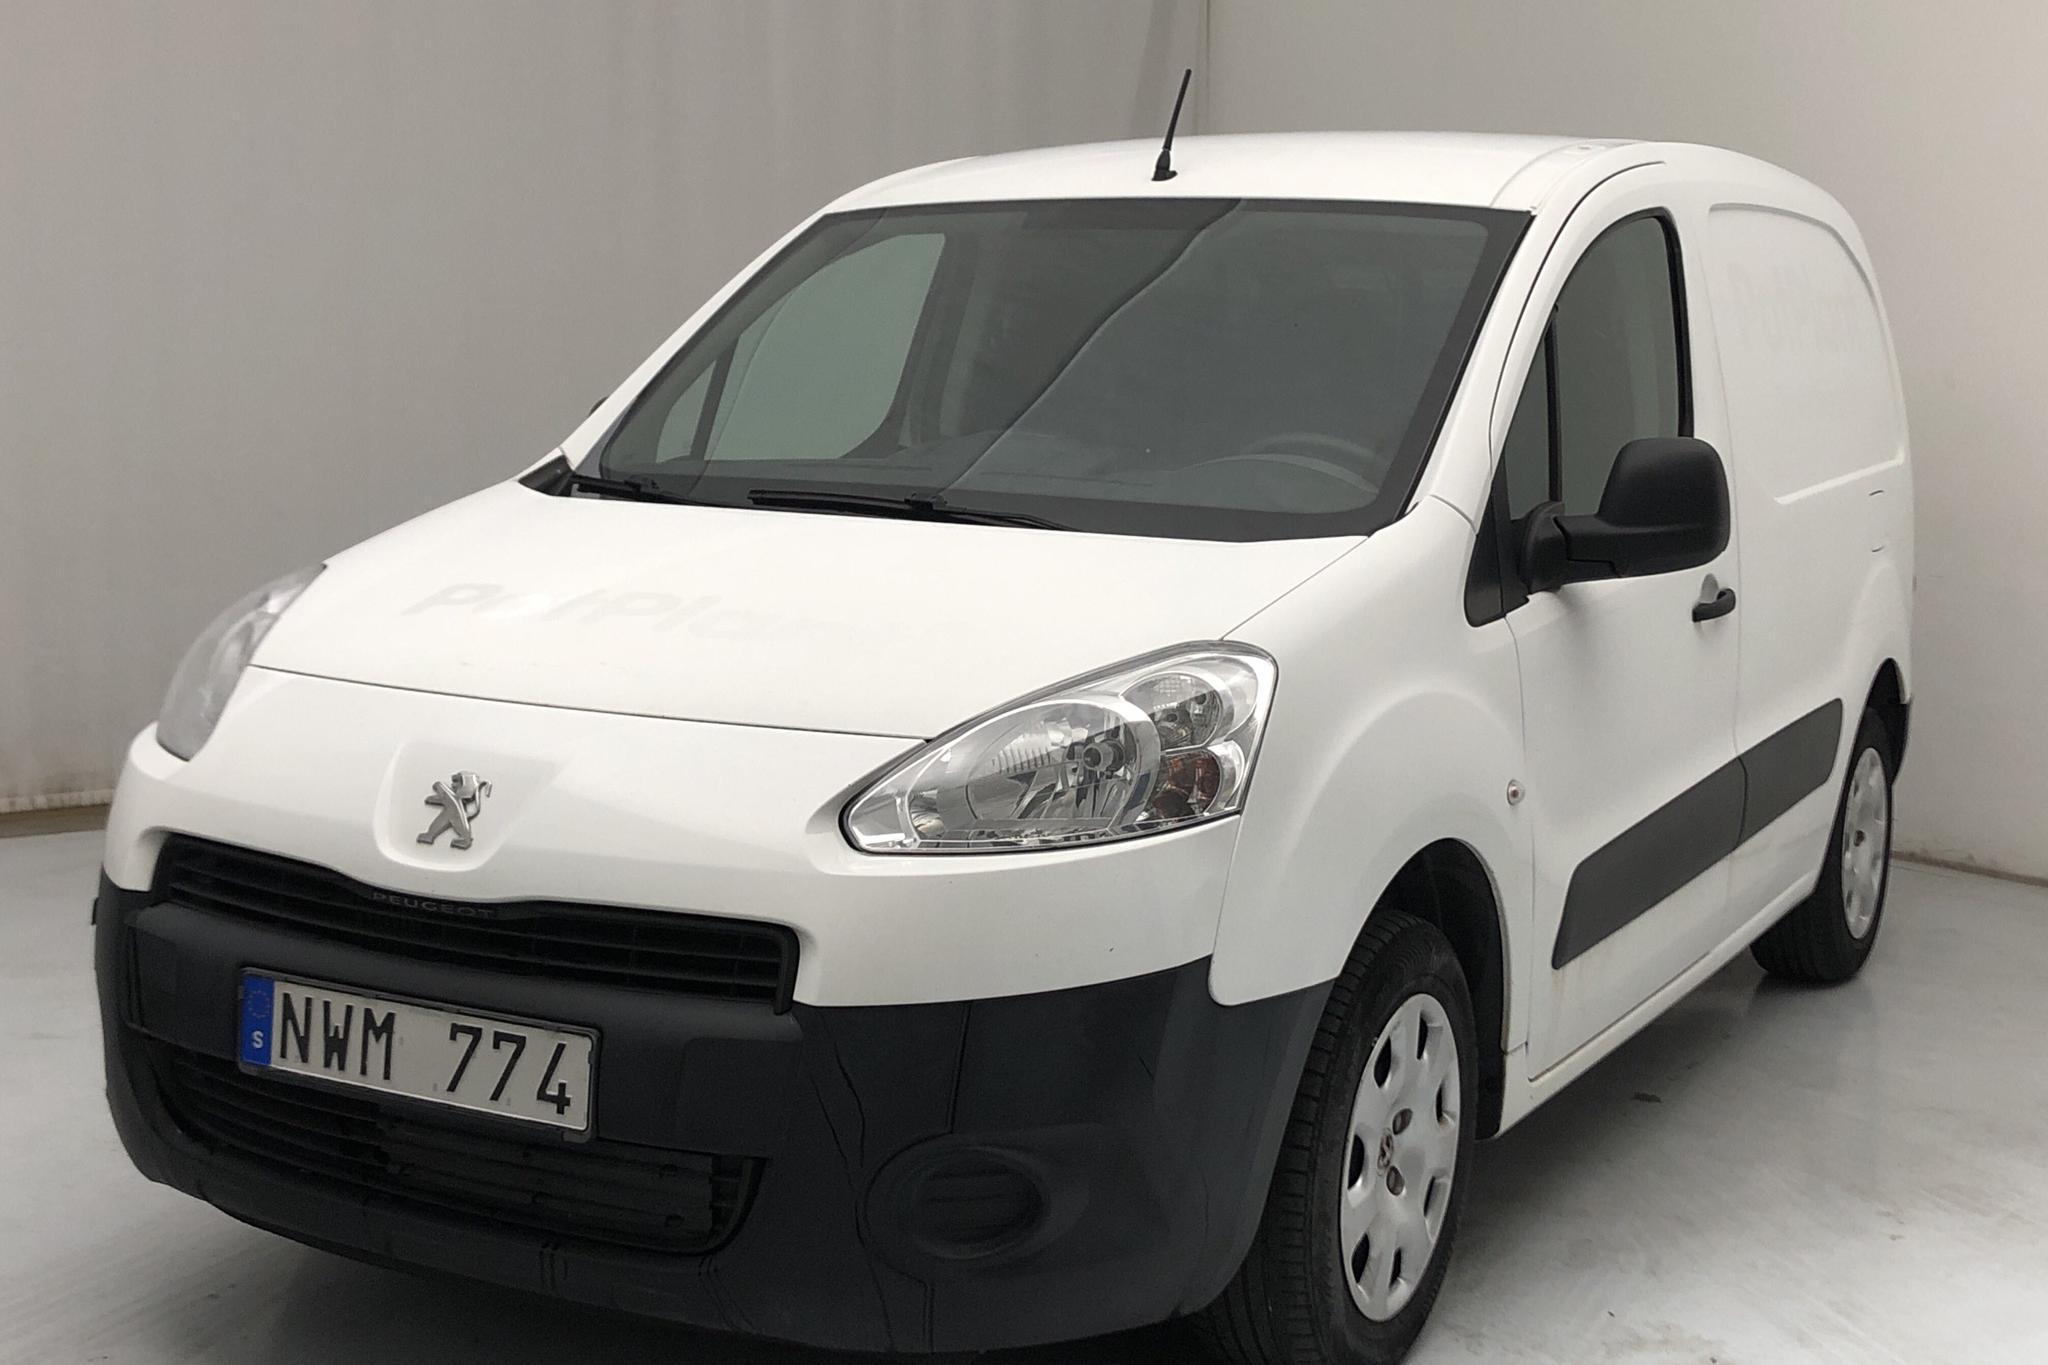 Peugeot Partner 1.6 e-HDI Skåp (90hk) - 139 670 km - Automatic - white - 2013